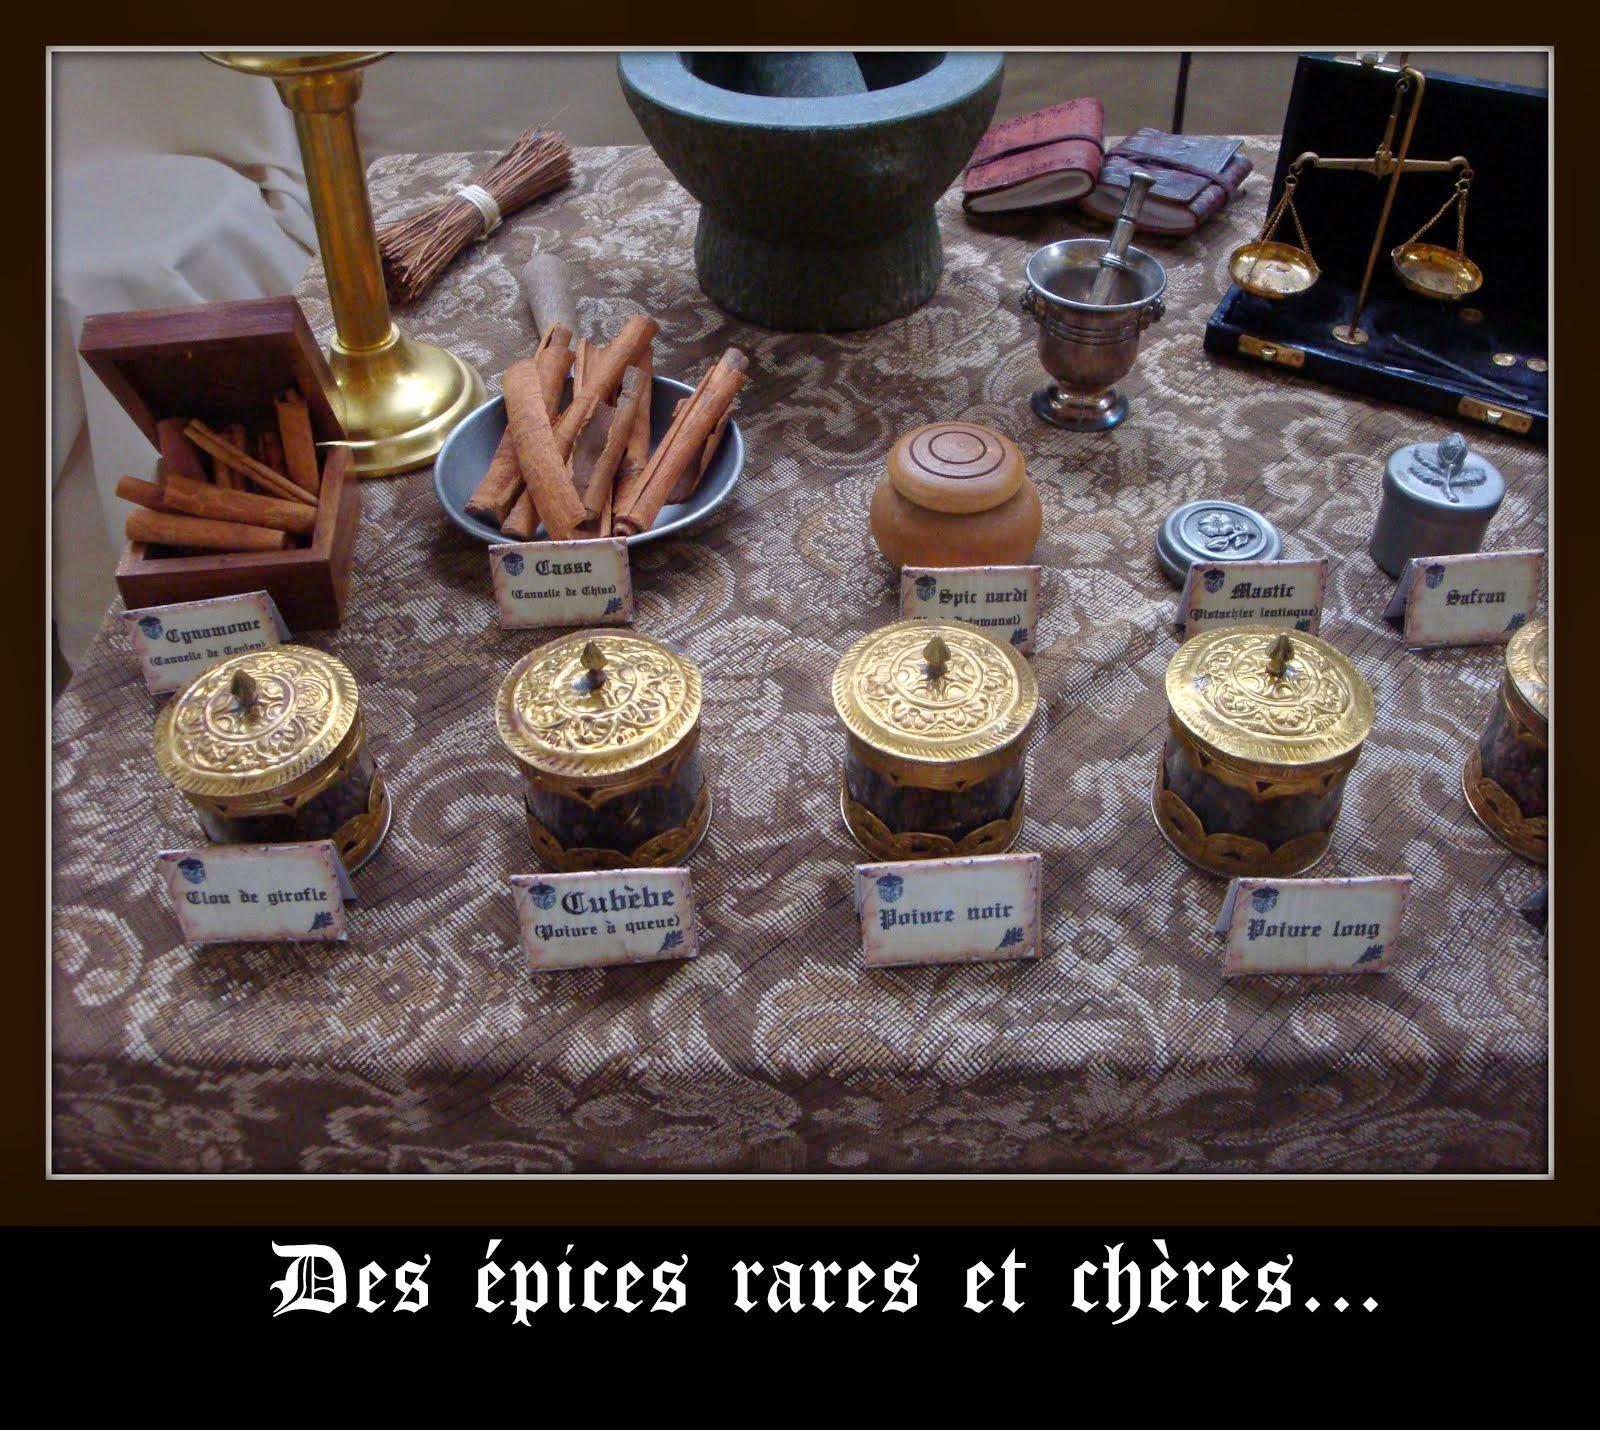 Les épices de l'apothicairerie...